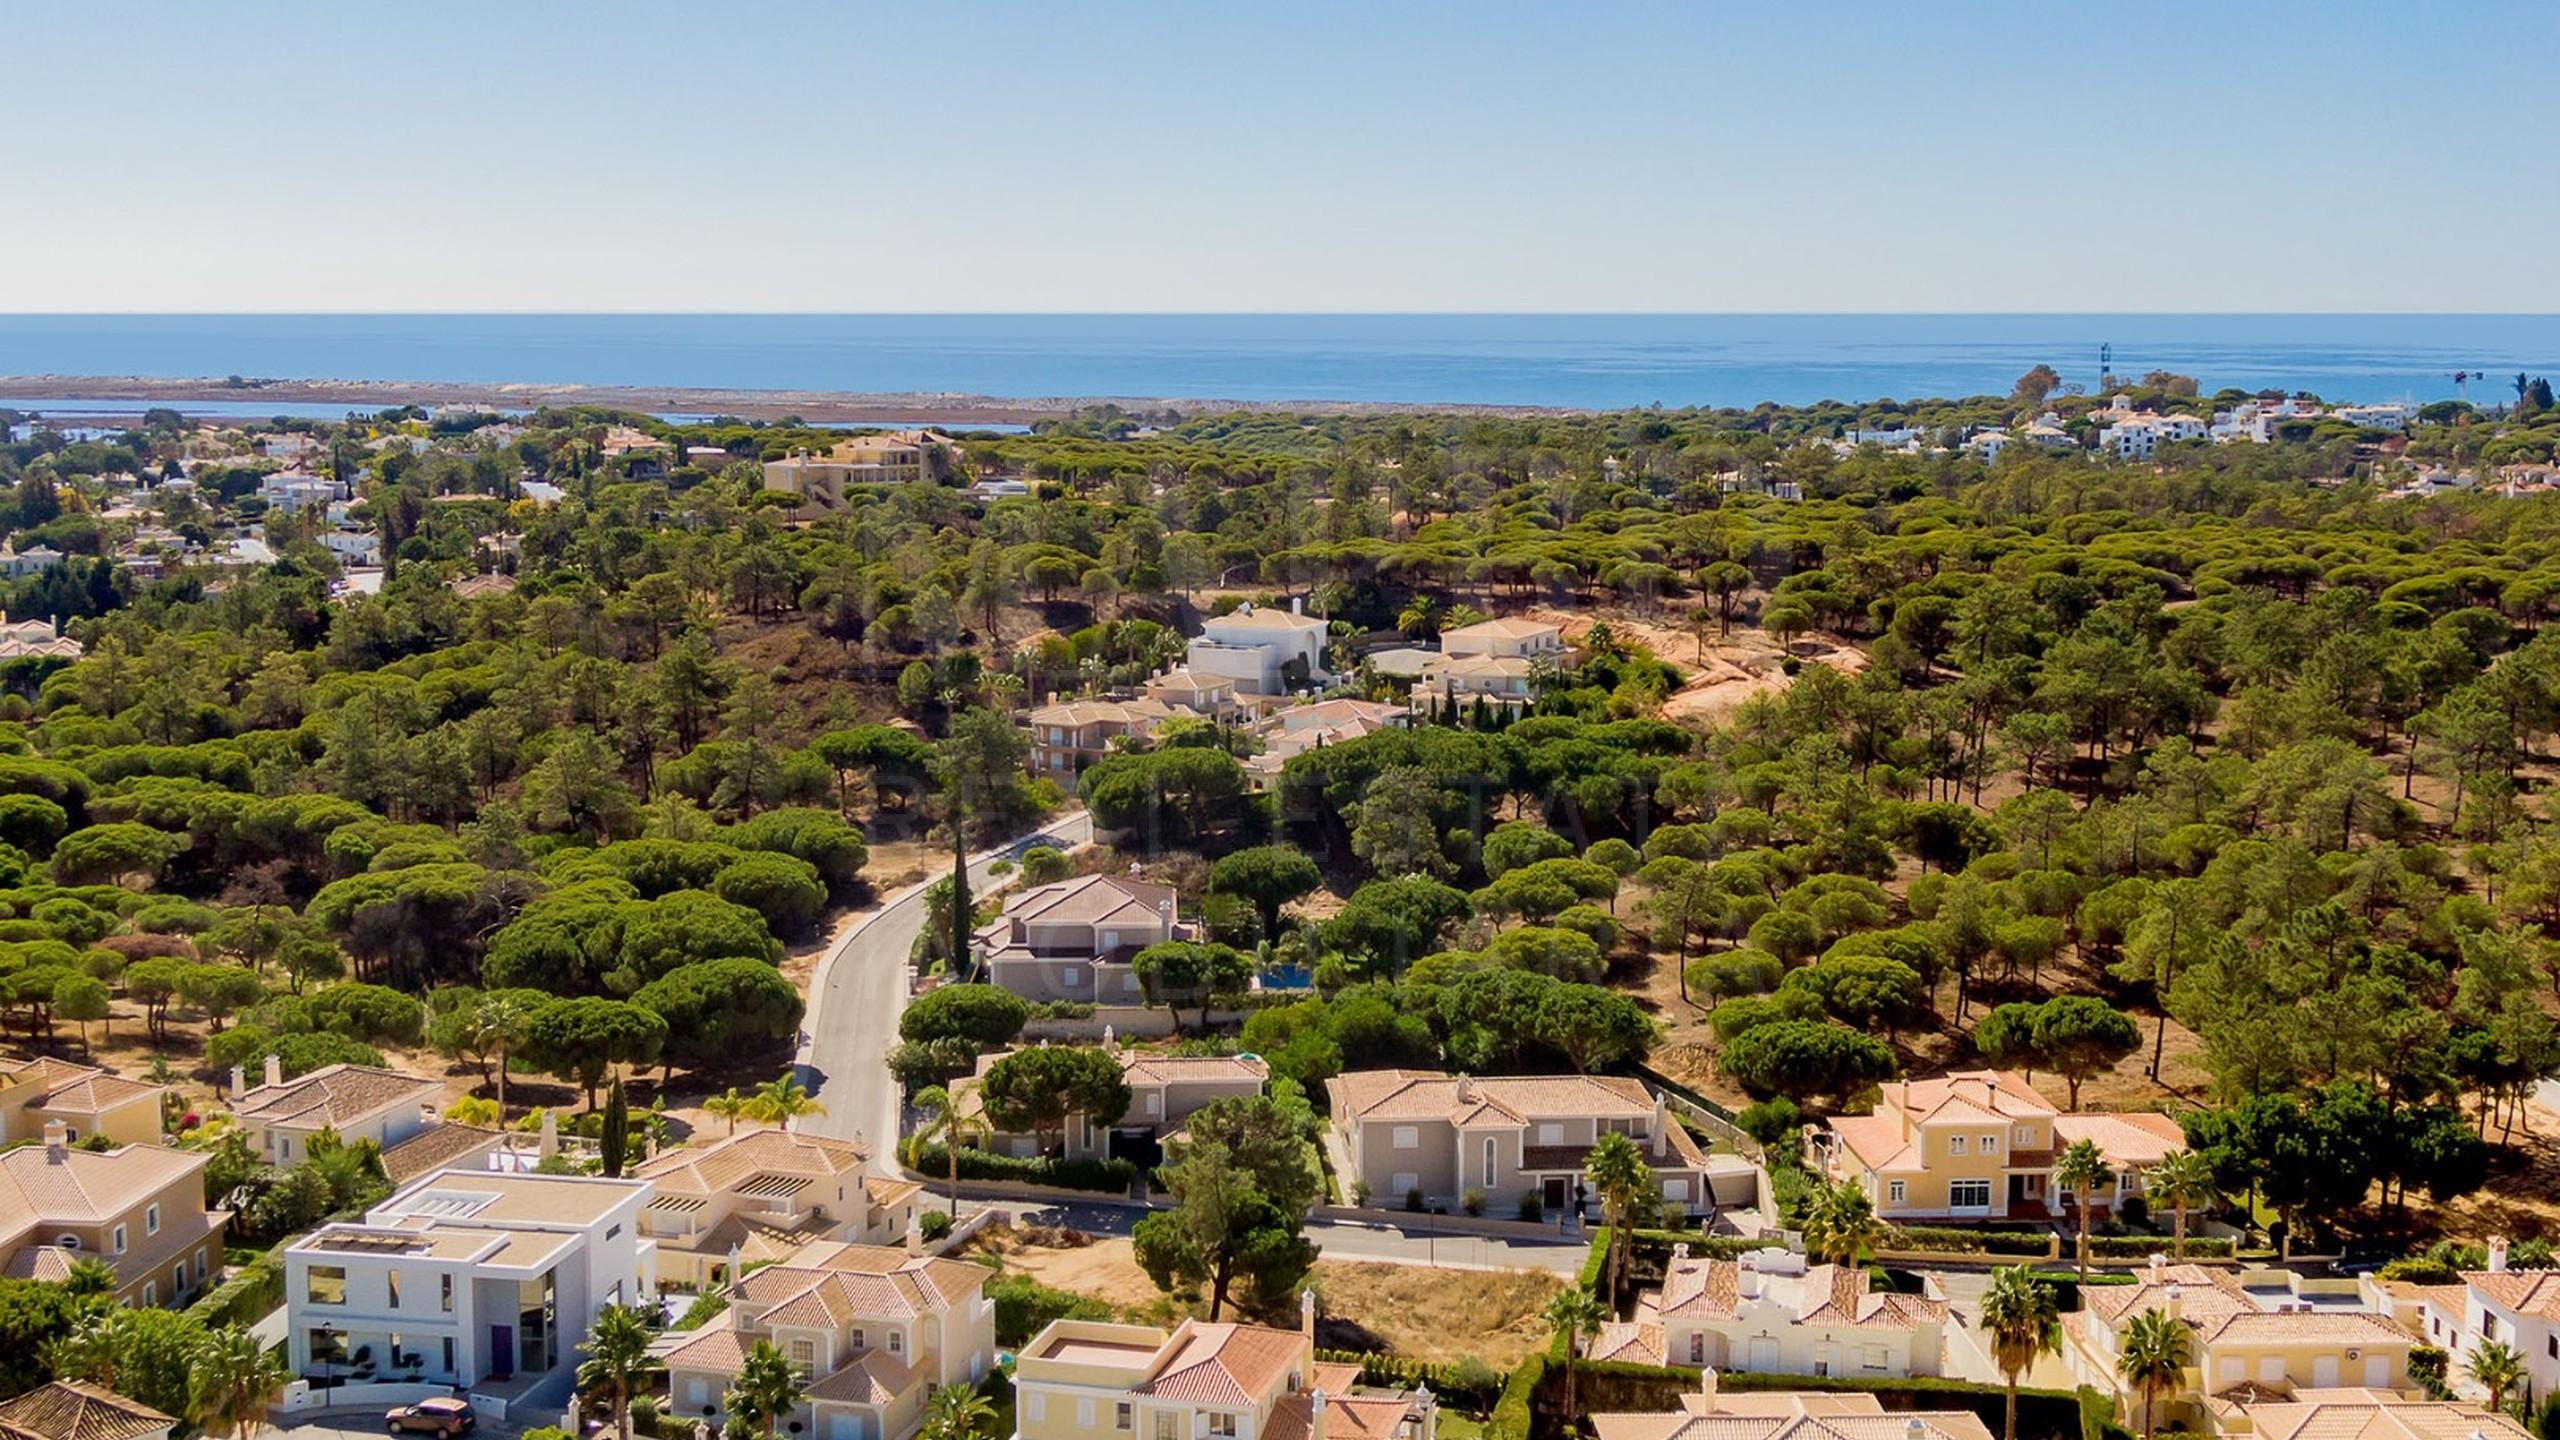 Terrain à vendre en Algarve pour la construction